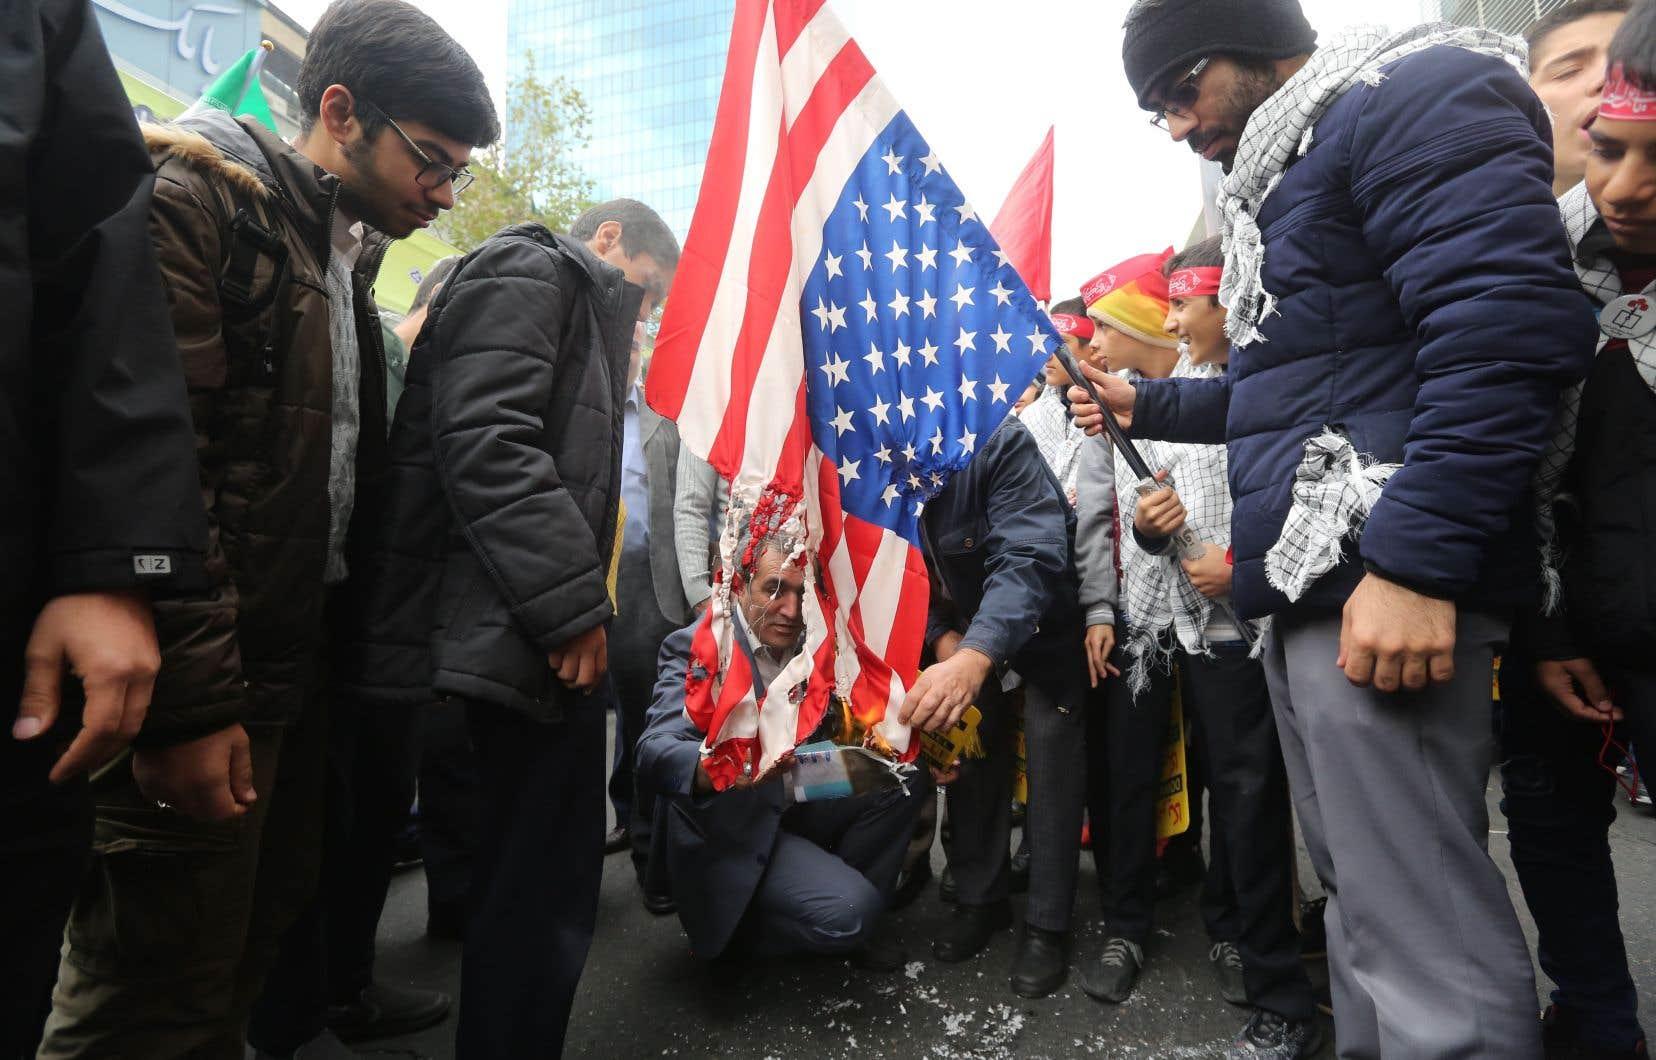 Des manifestants iraniens ont mis le feu à un drapeau américain, lundi, devant l'ancienne ambassade des États-Unis à Téhéran, pour marquer le 40eanniversaire de la prise en otage des diplomates américains en novembre 1979.